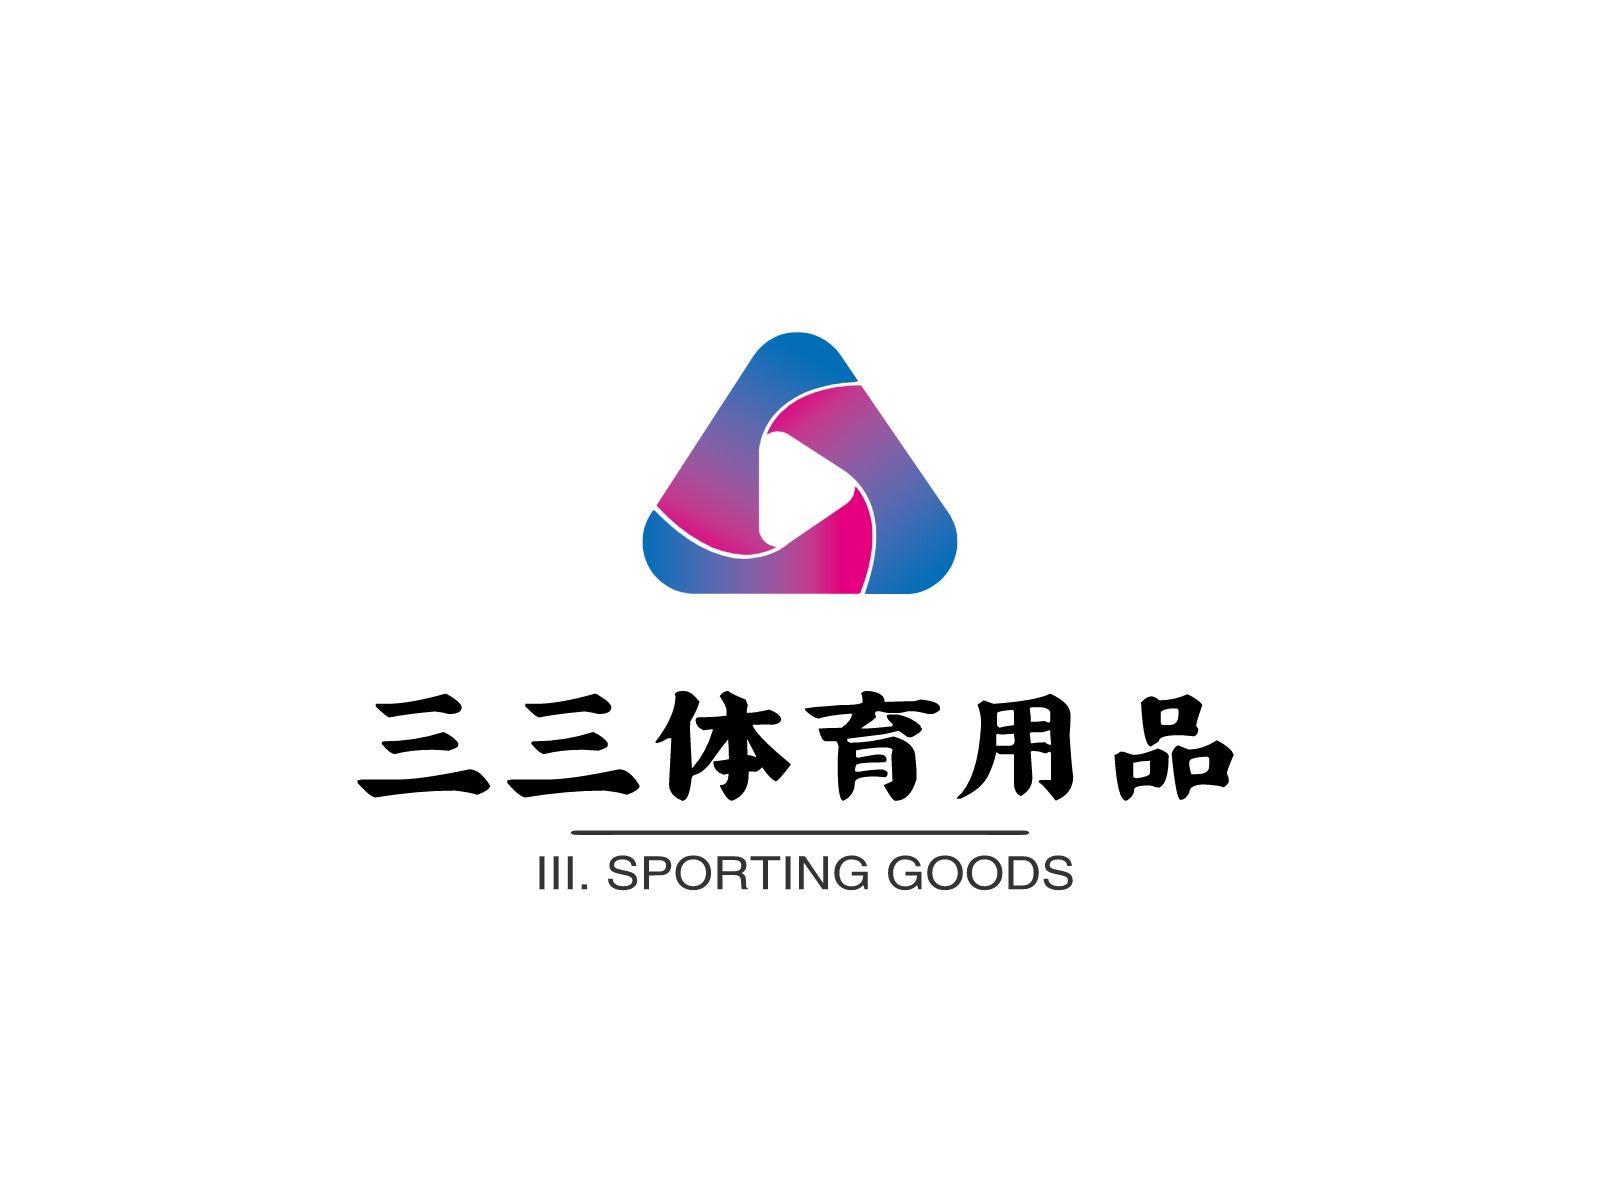 三三Sports用品brand标志设计